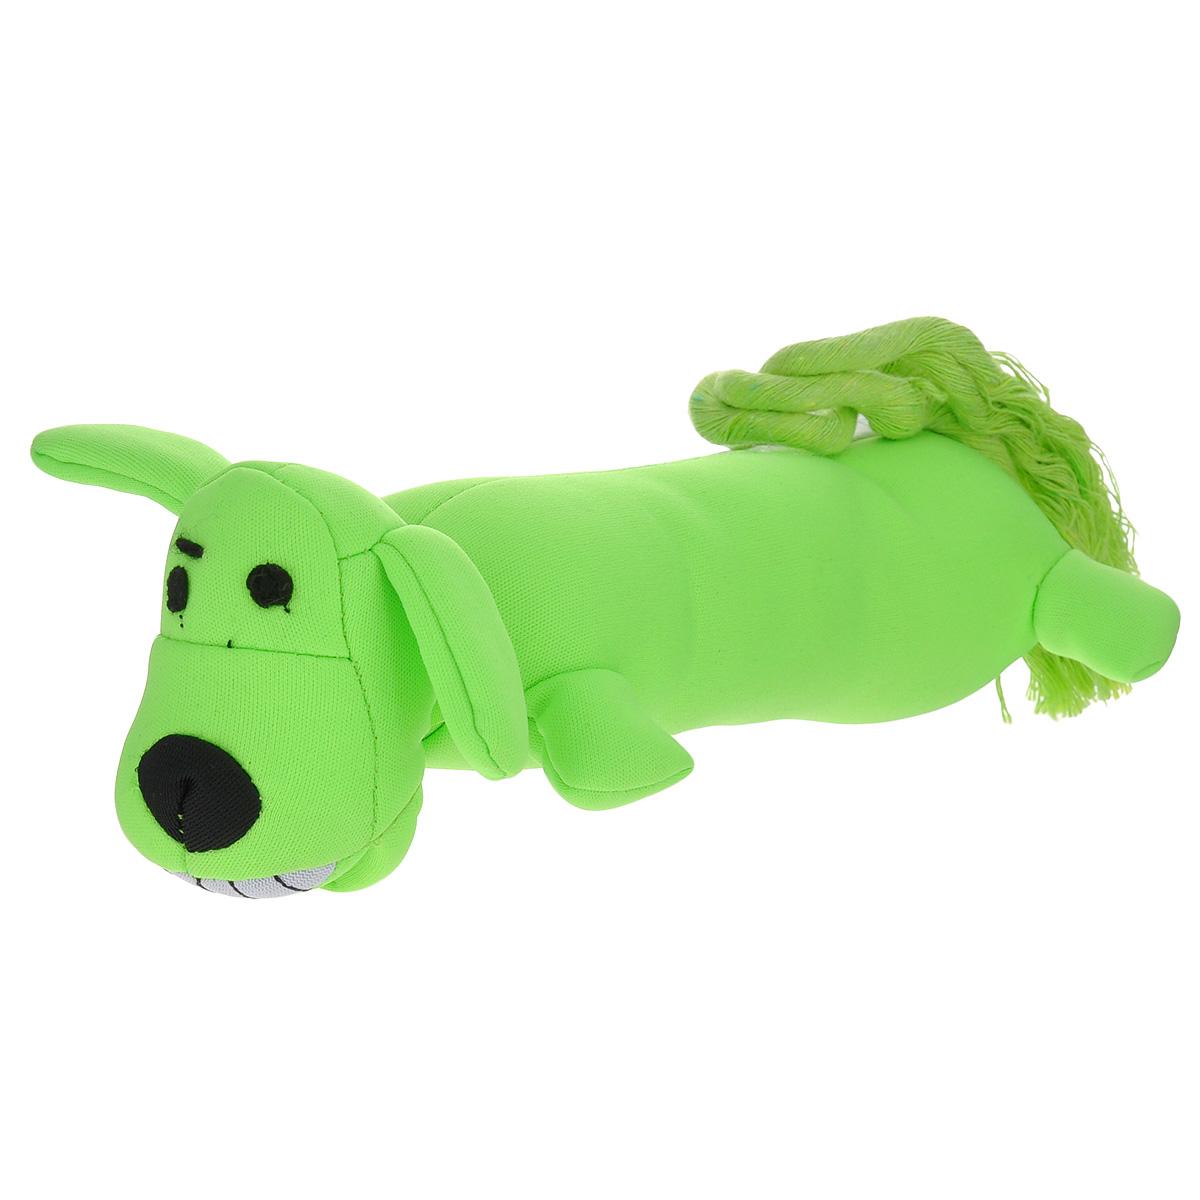 Игрушка для собак Multipet Летающая собака, с резинкой, цвет: салатовый12-47838_салатовыйИгрушка Multipet Летающая собака изготовлена из прочного и долговечного полиэстера, который легко моется, особо устойчив к разгрызанию. Необычная и забавная игрушка уникальна тем, что при помощи резинки, петли и канатного хвоста с легкостью запускается на дальние расстояния для апортировки. Подойдет для всех пород собак.